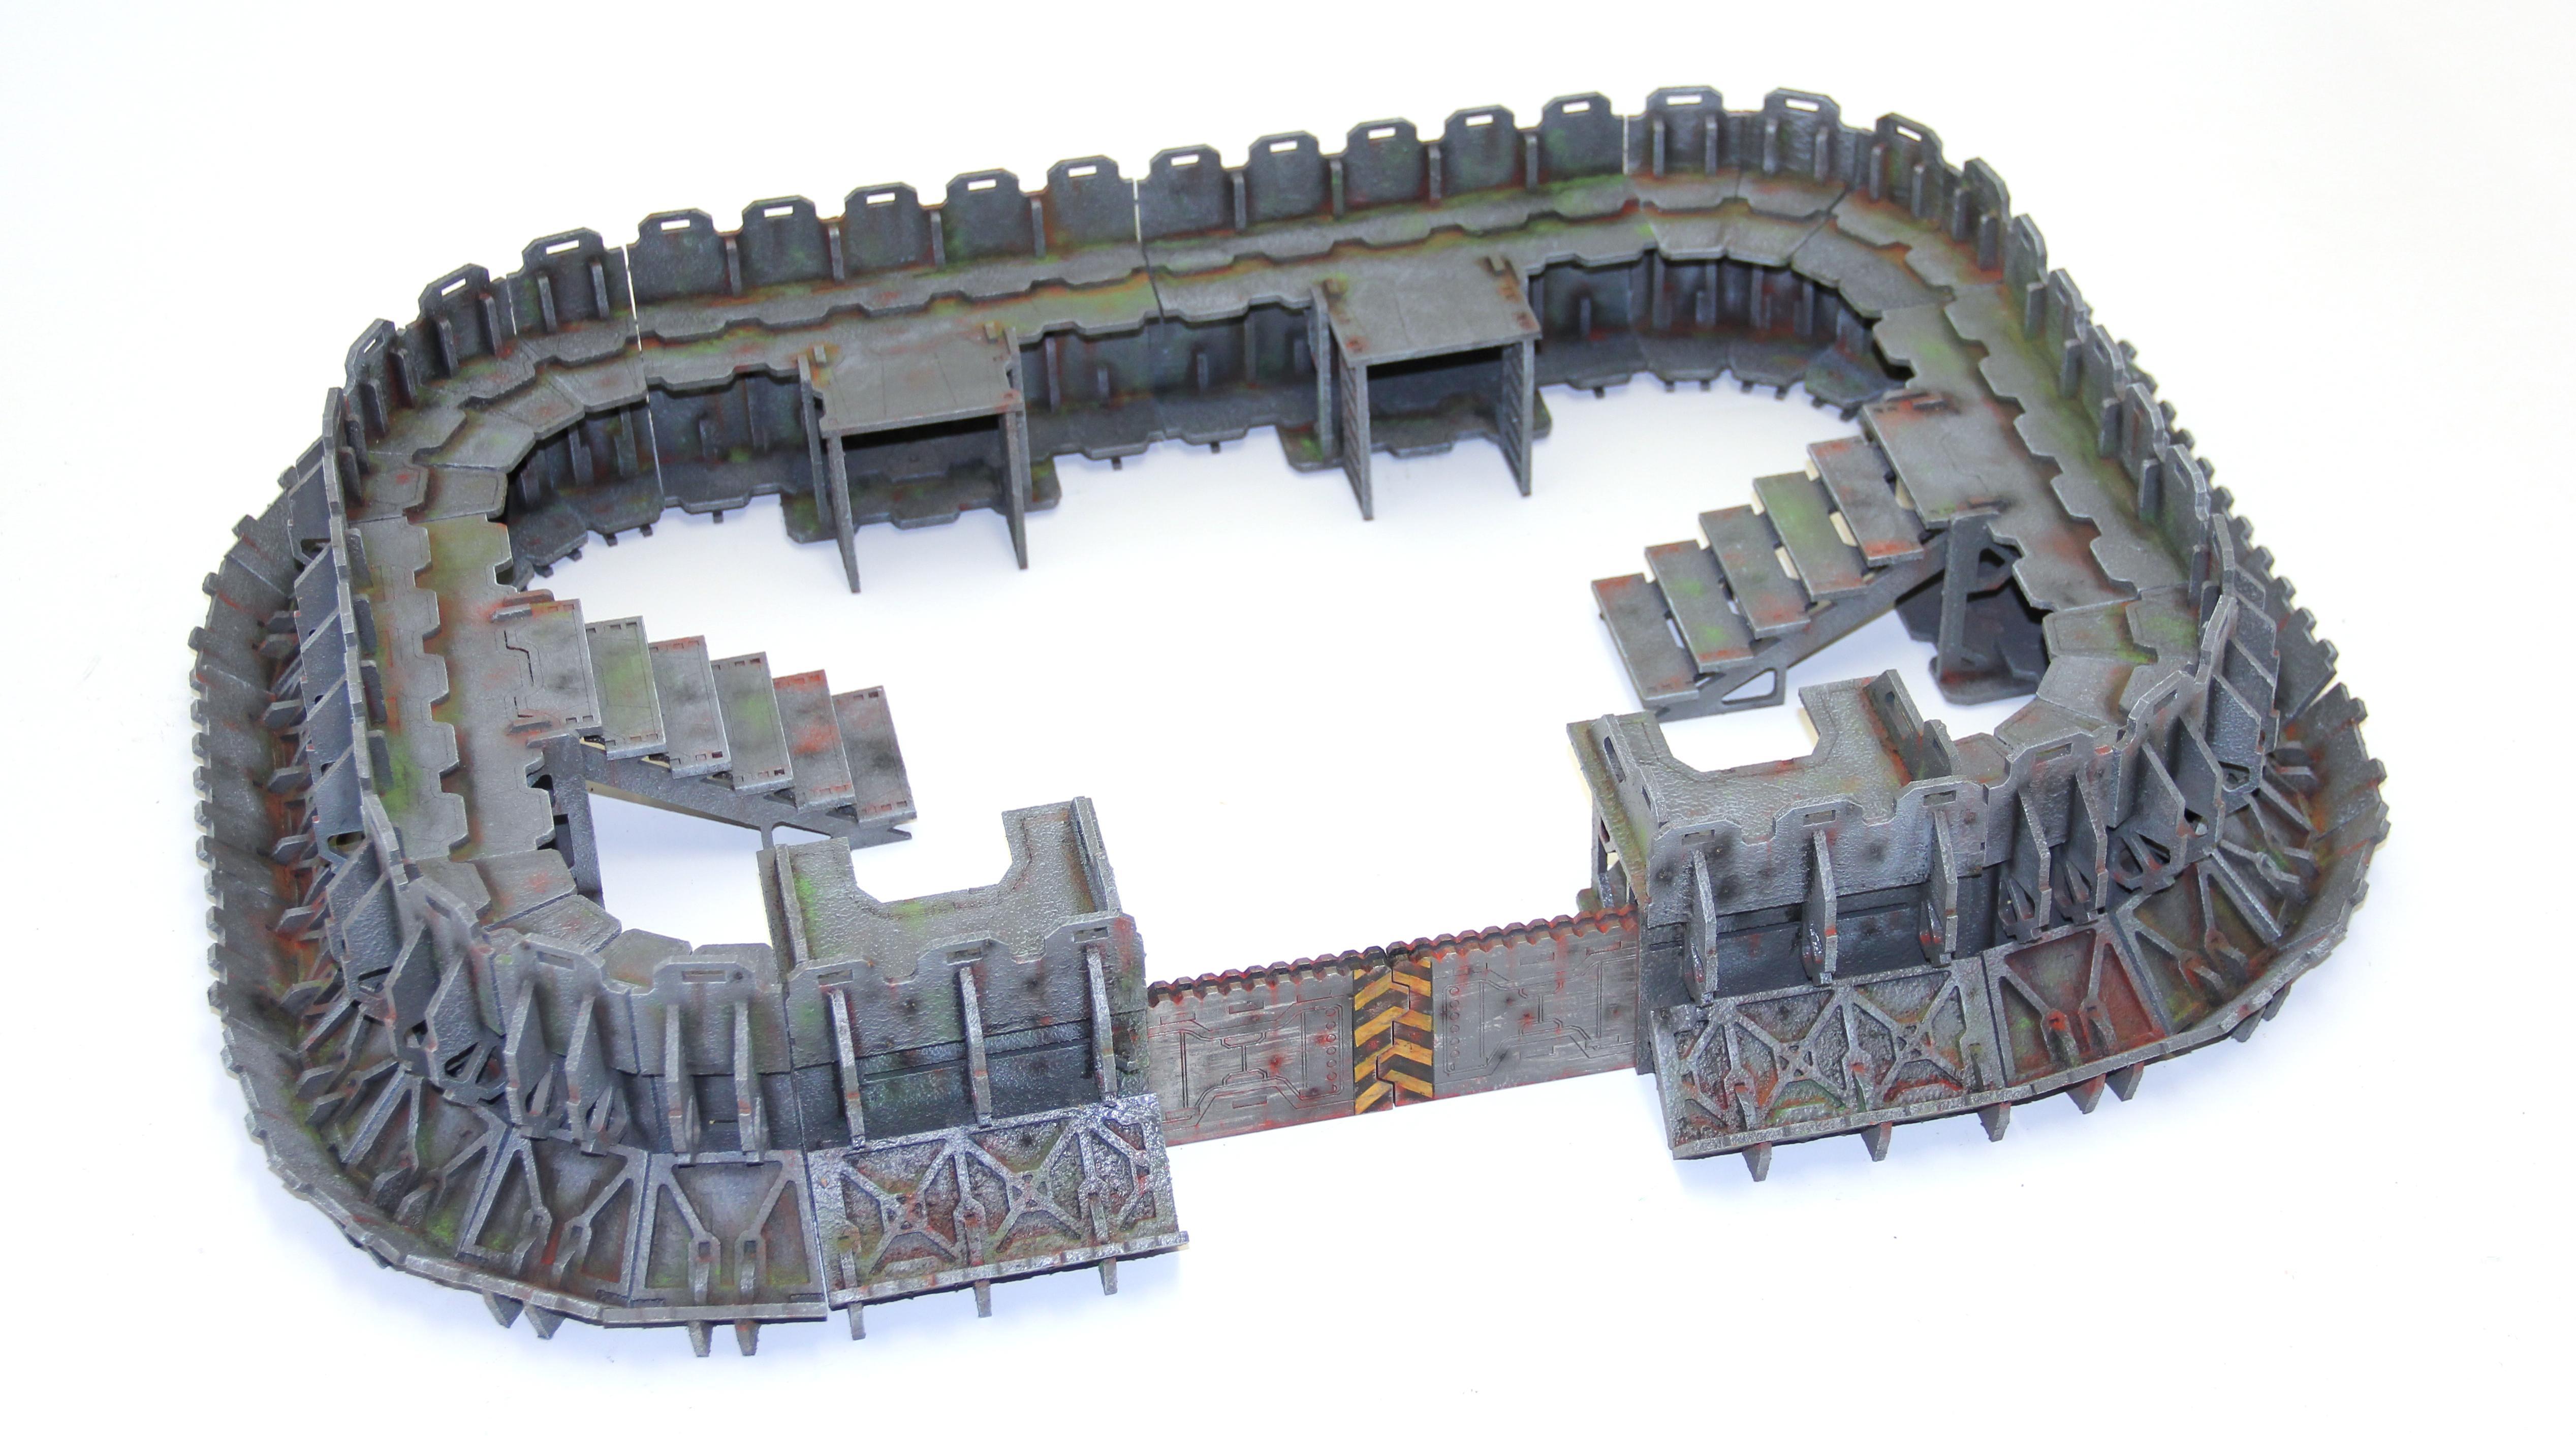 Fortress, Terrain, Warhammer 40,000